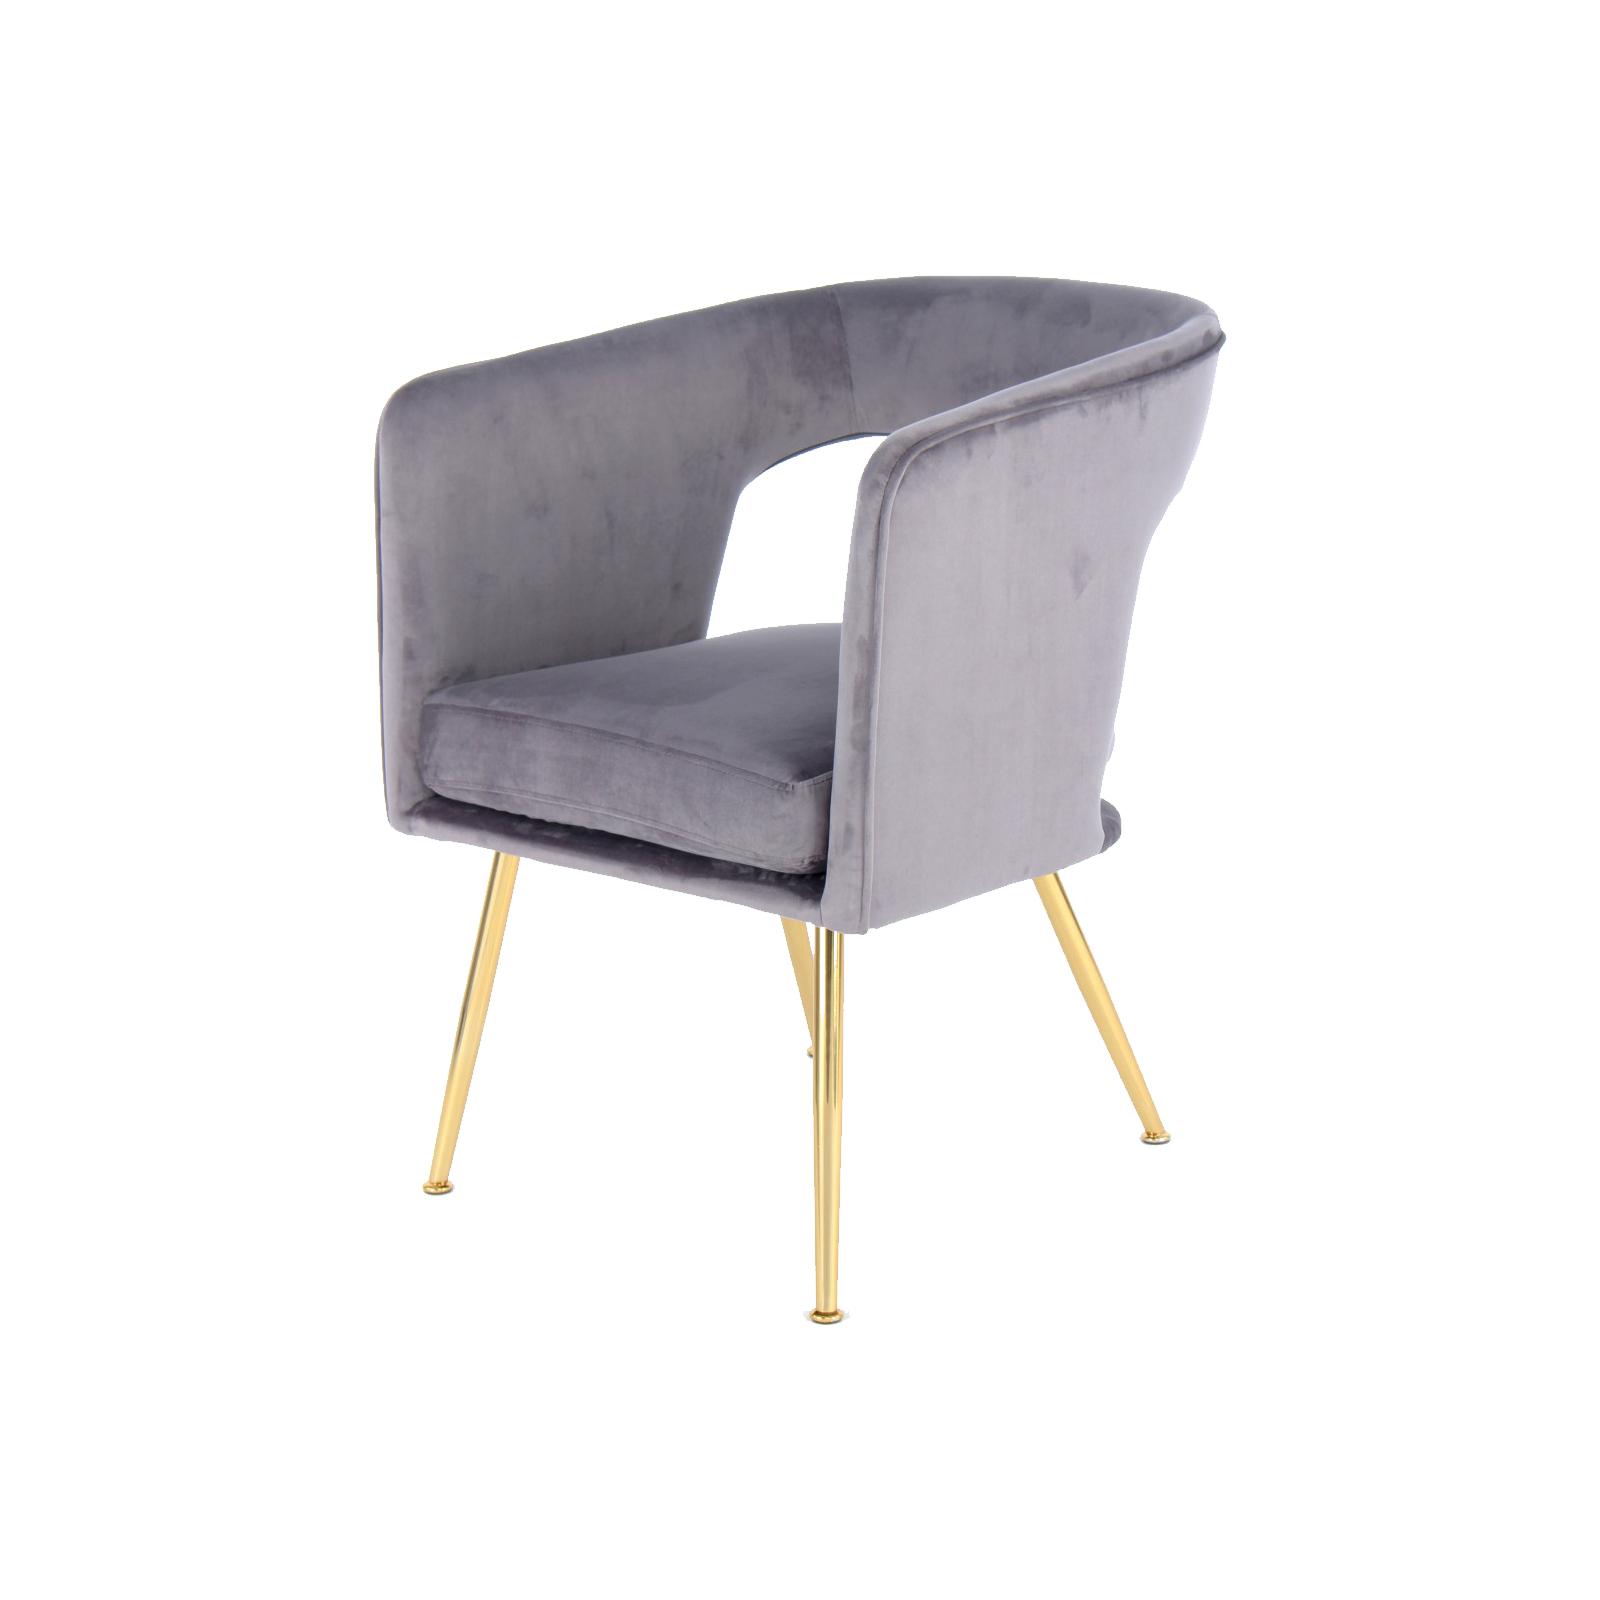 Schau Mal Was Ich Bei Roller Gefunden Habe Stuhl Jolene 125 Grau Gold Samtweich